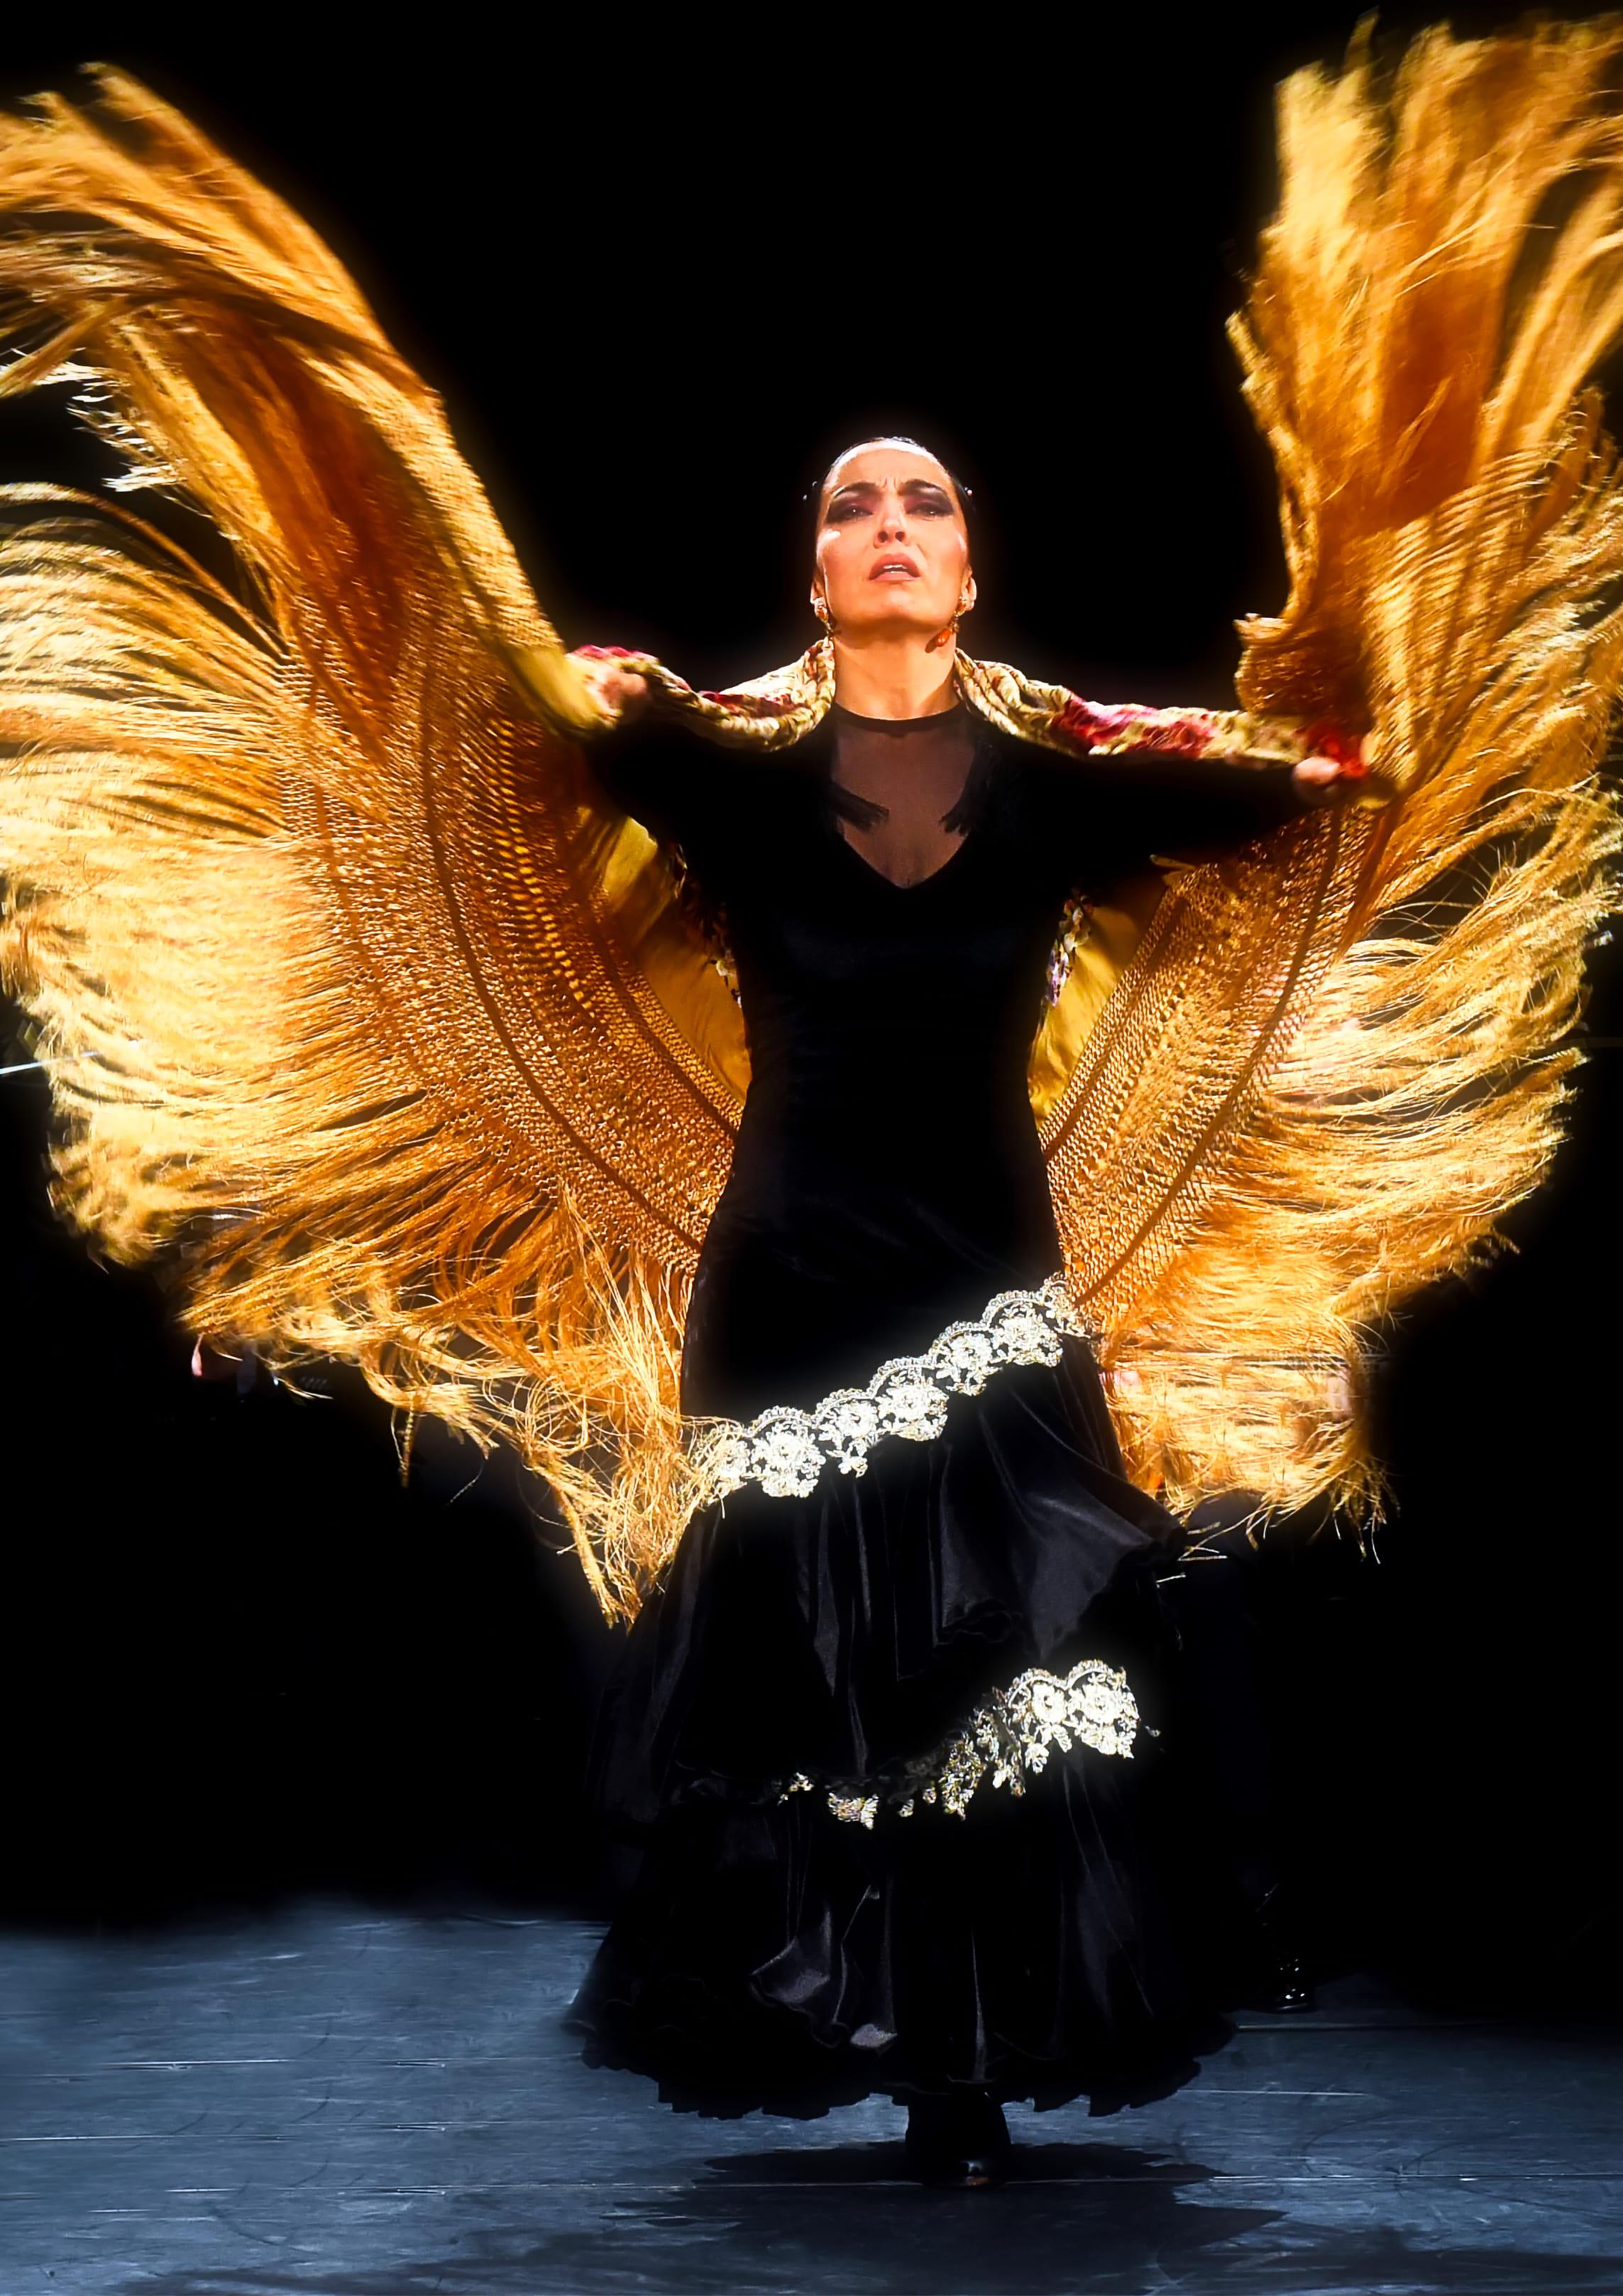 picture of the flamenco dancer Ursula Moreno